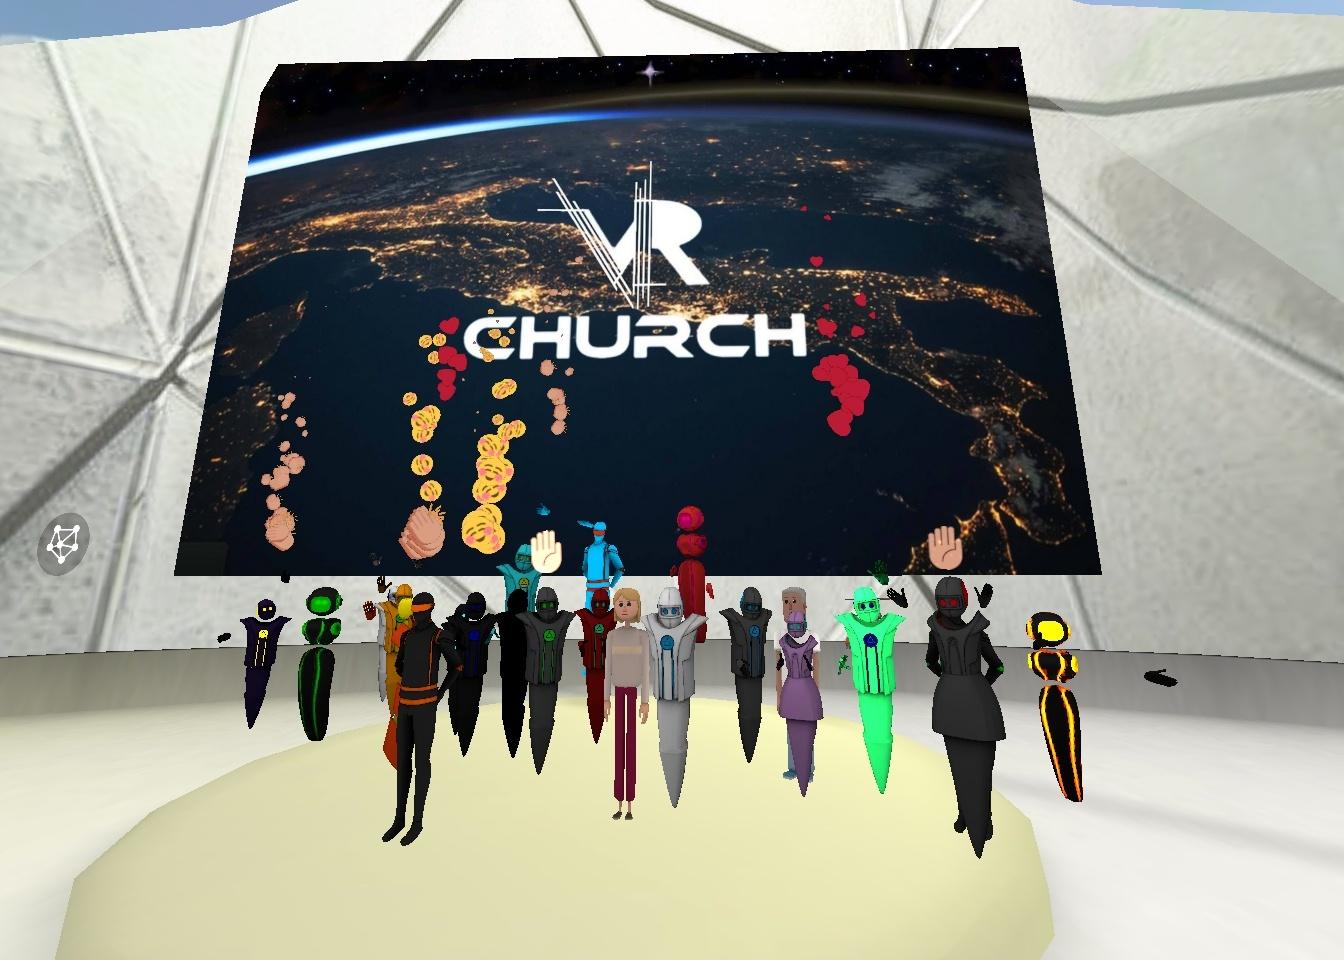 VR-Church-Nick-Runyon.jpg